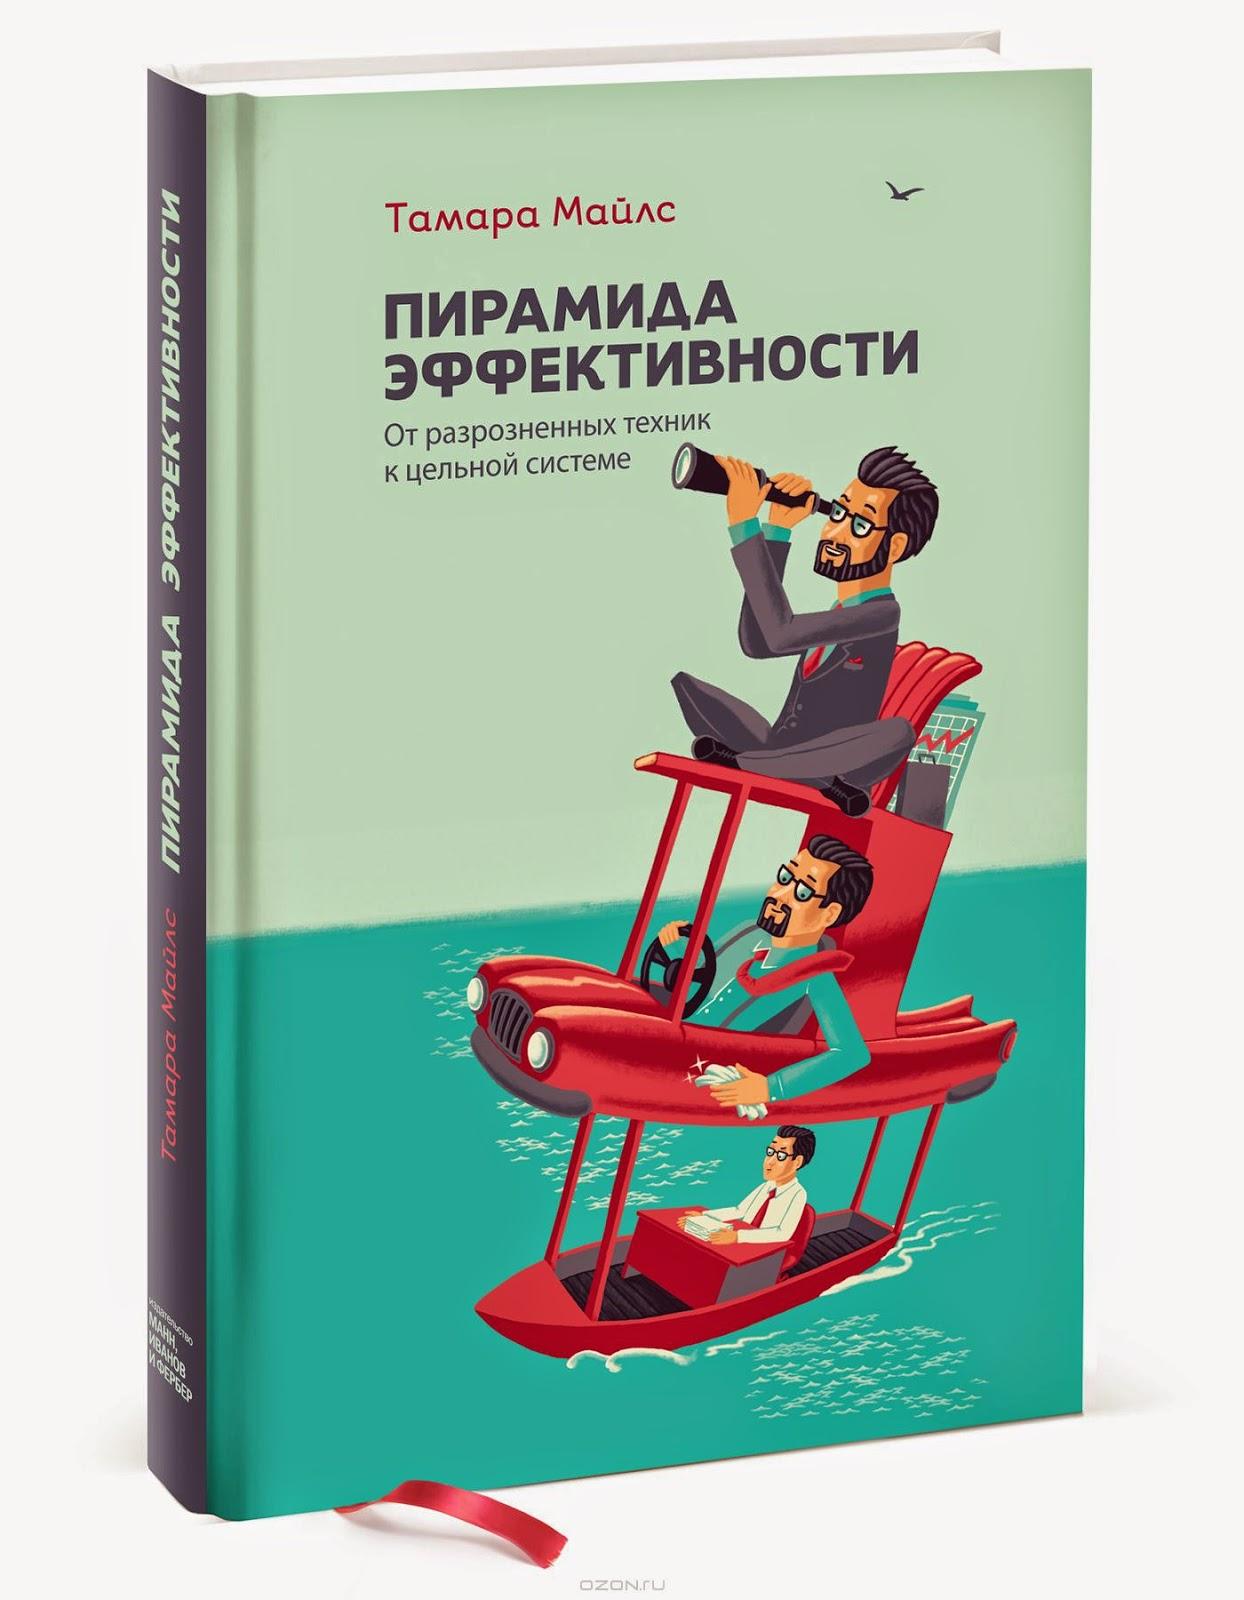 рецензия на книгу Т.Майлс - Пирамида эффективности